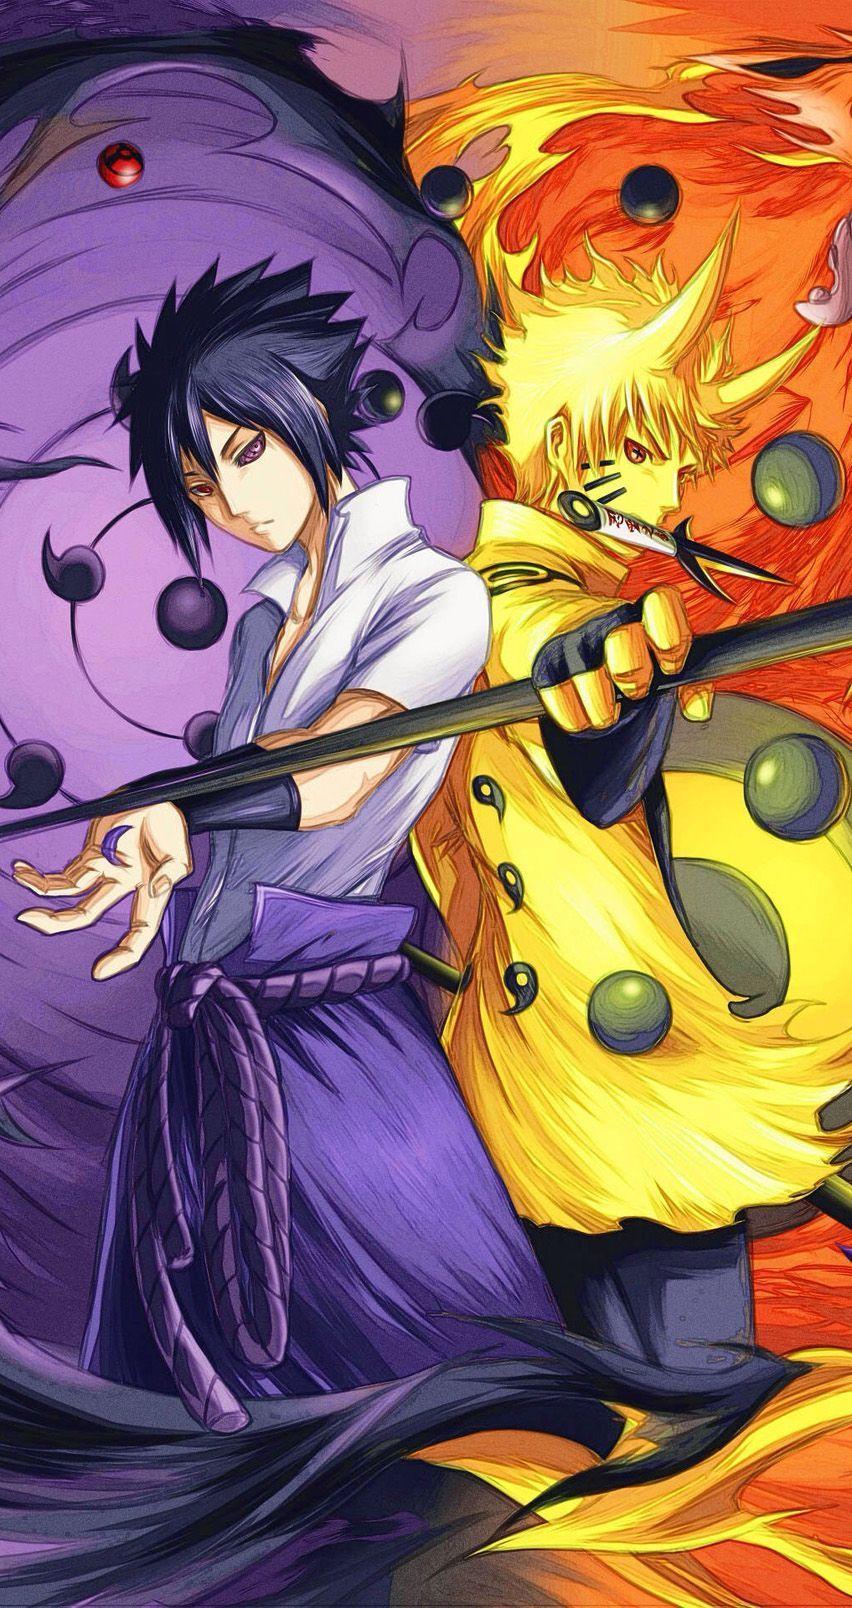 19+ Gambar Naruto dan Sasuke, Juga Tokoh Lainnya / Shippuden